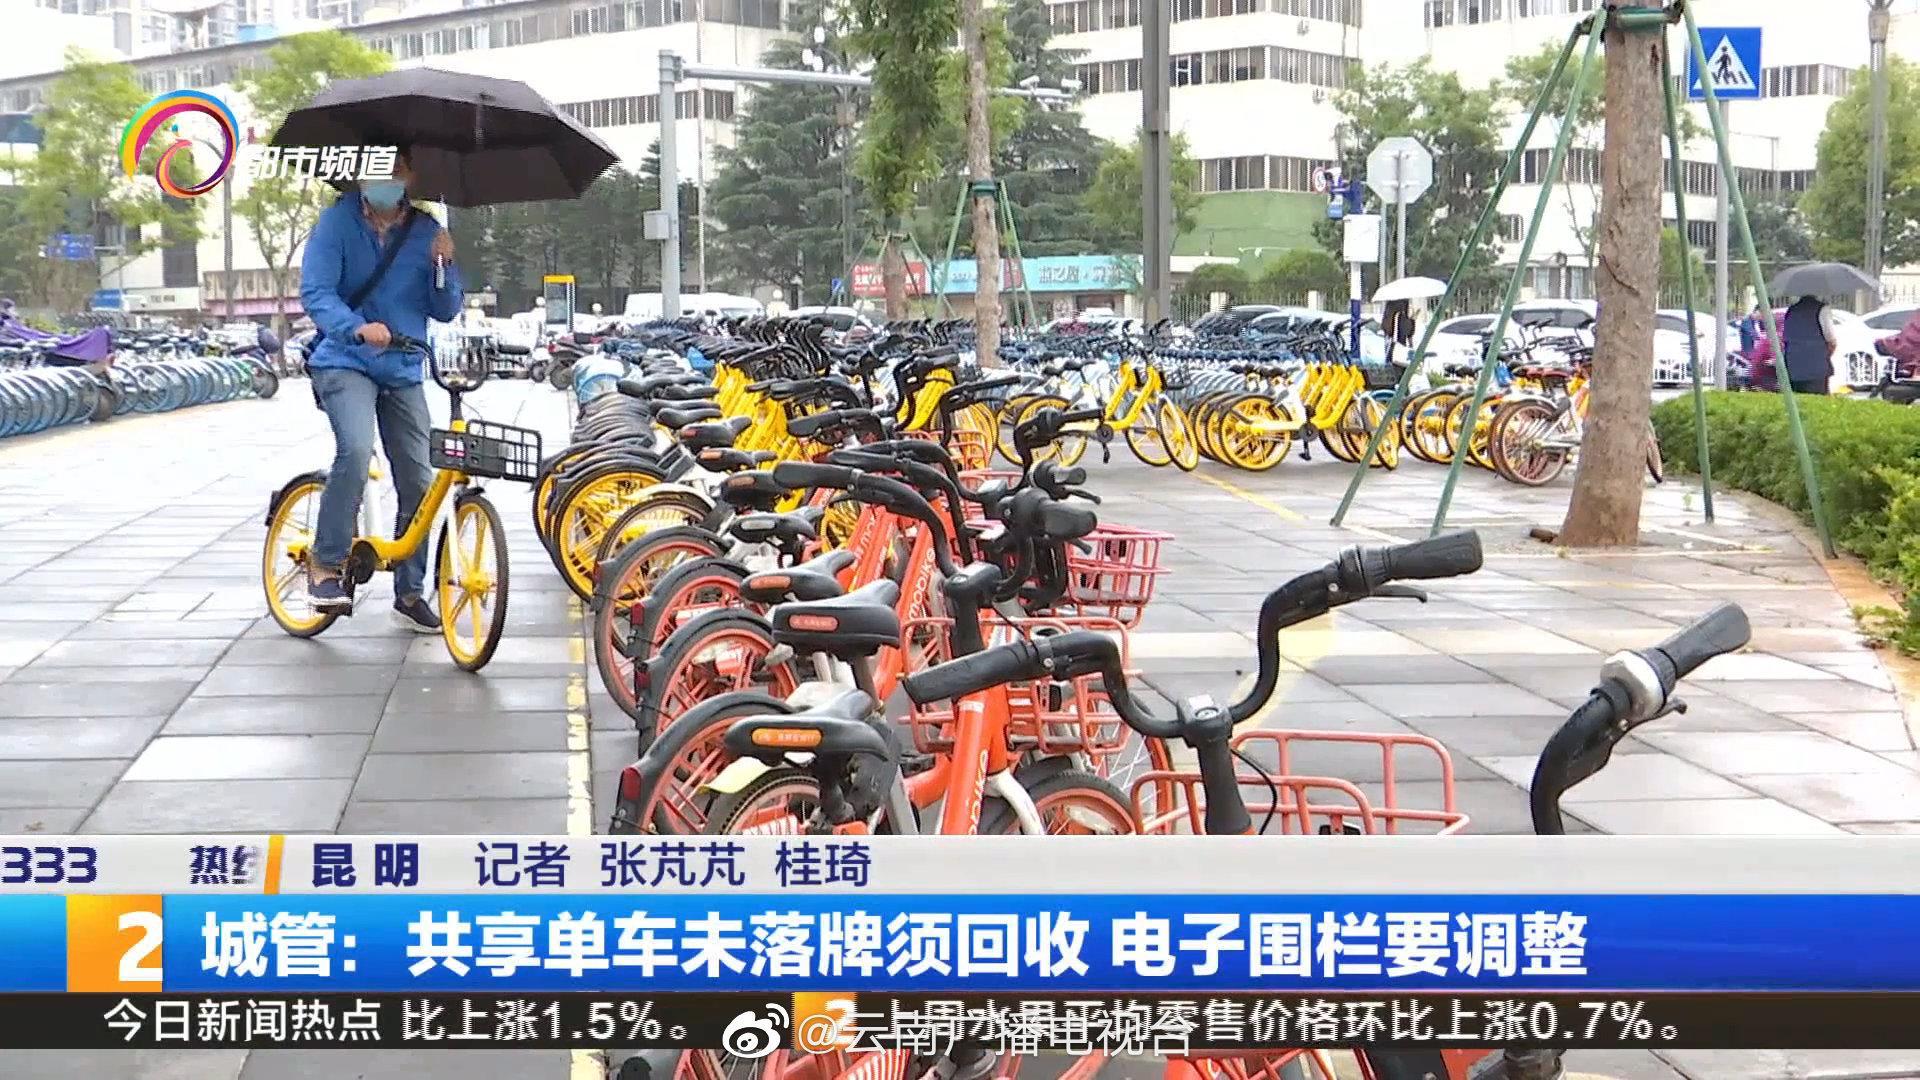 昆明城管:共享单车未落牌须回收 电子围栏要调整